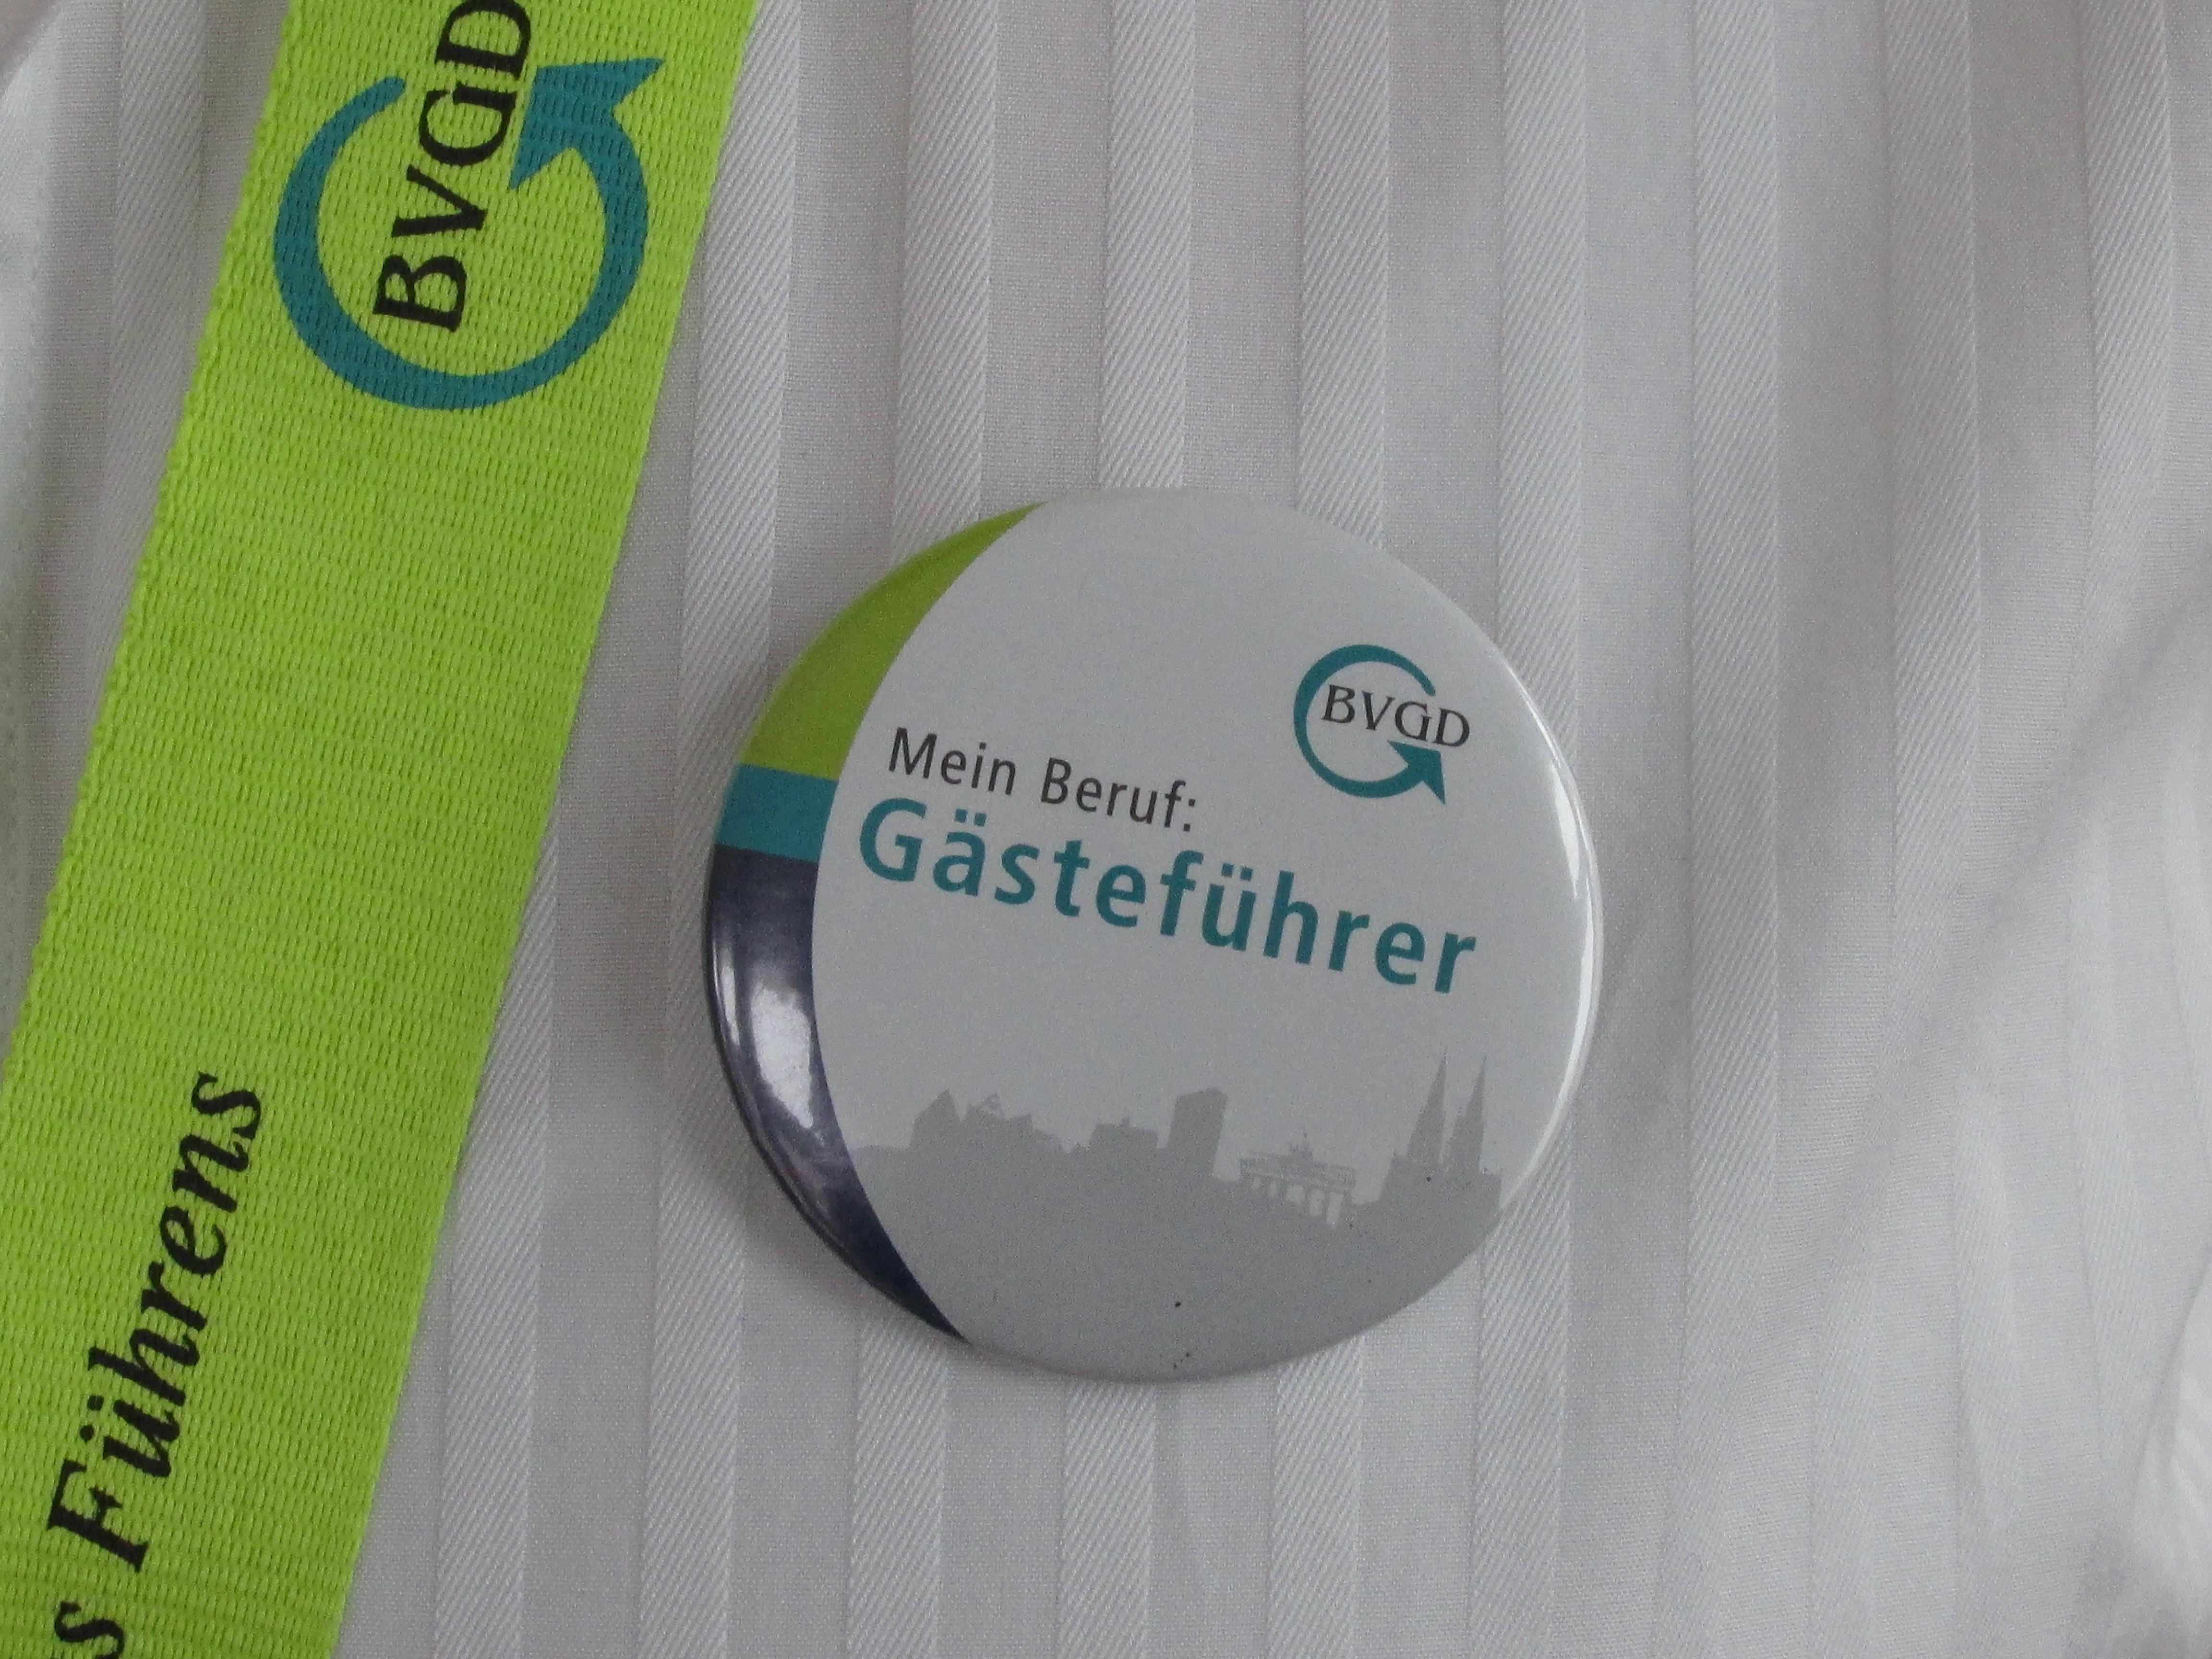 BVGD-Button - Mein Beruf Gästeführer